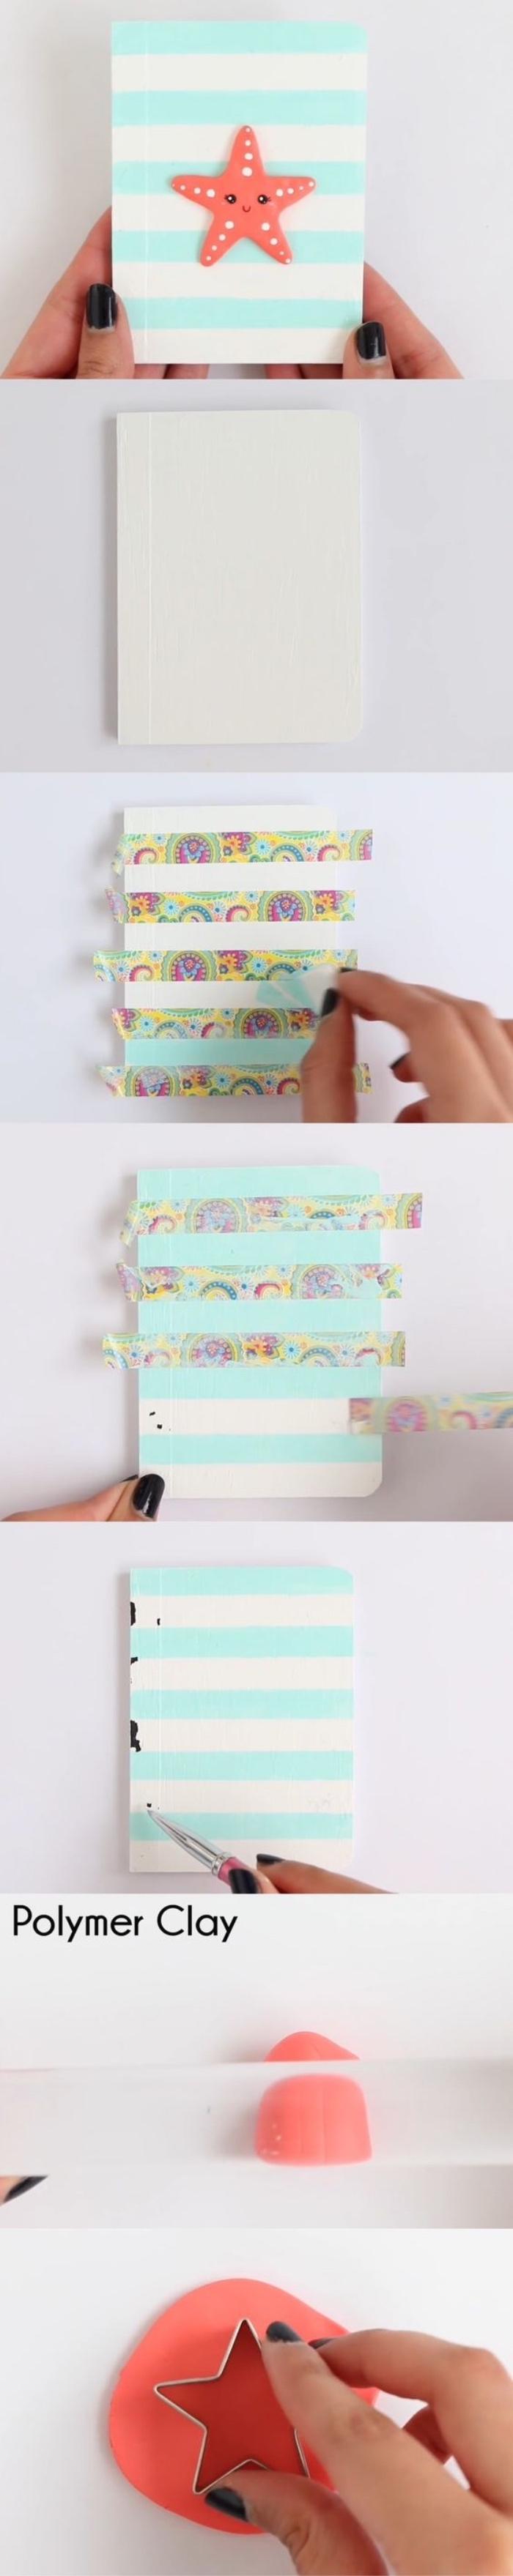 ideas unicas de manualdiades desde casa, cuaderno decorado para el verano, ideas de manualidades con washi tape